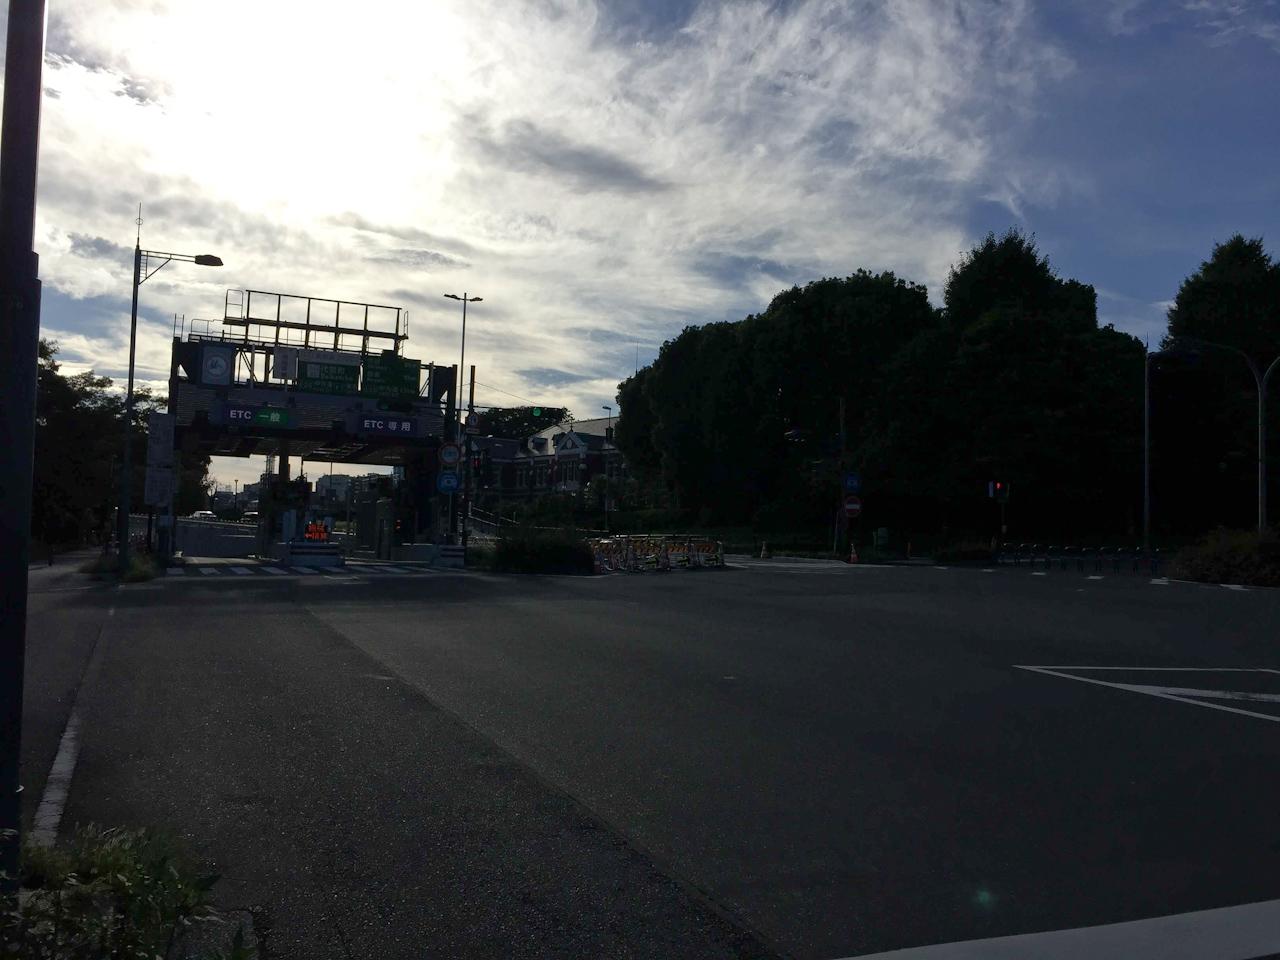 パレスサイクリング 皇居 首都高 代官町 入り口